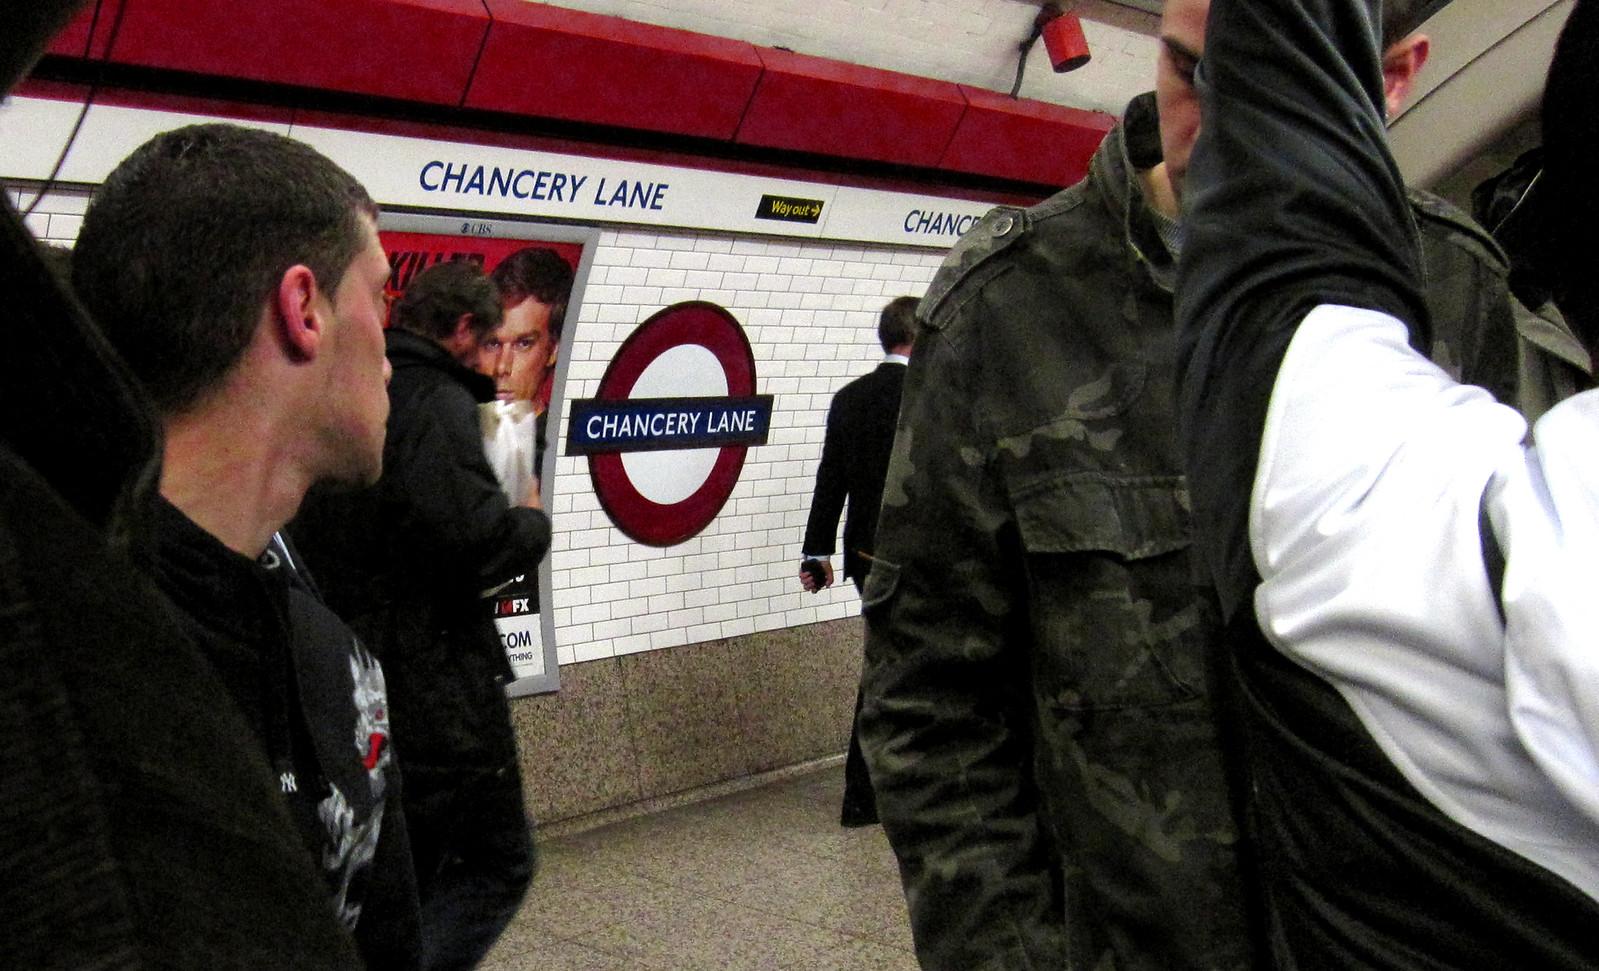 London 141